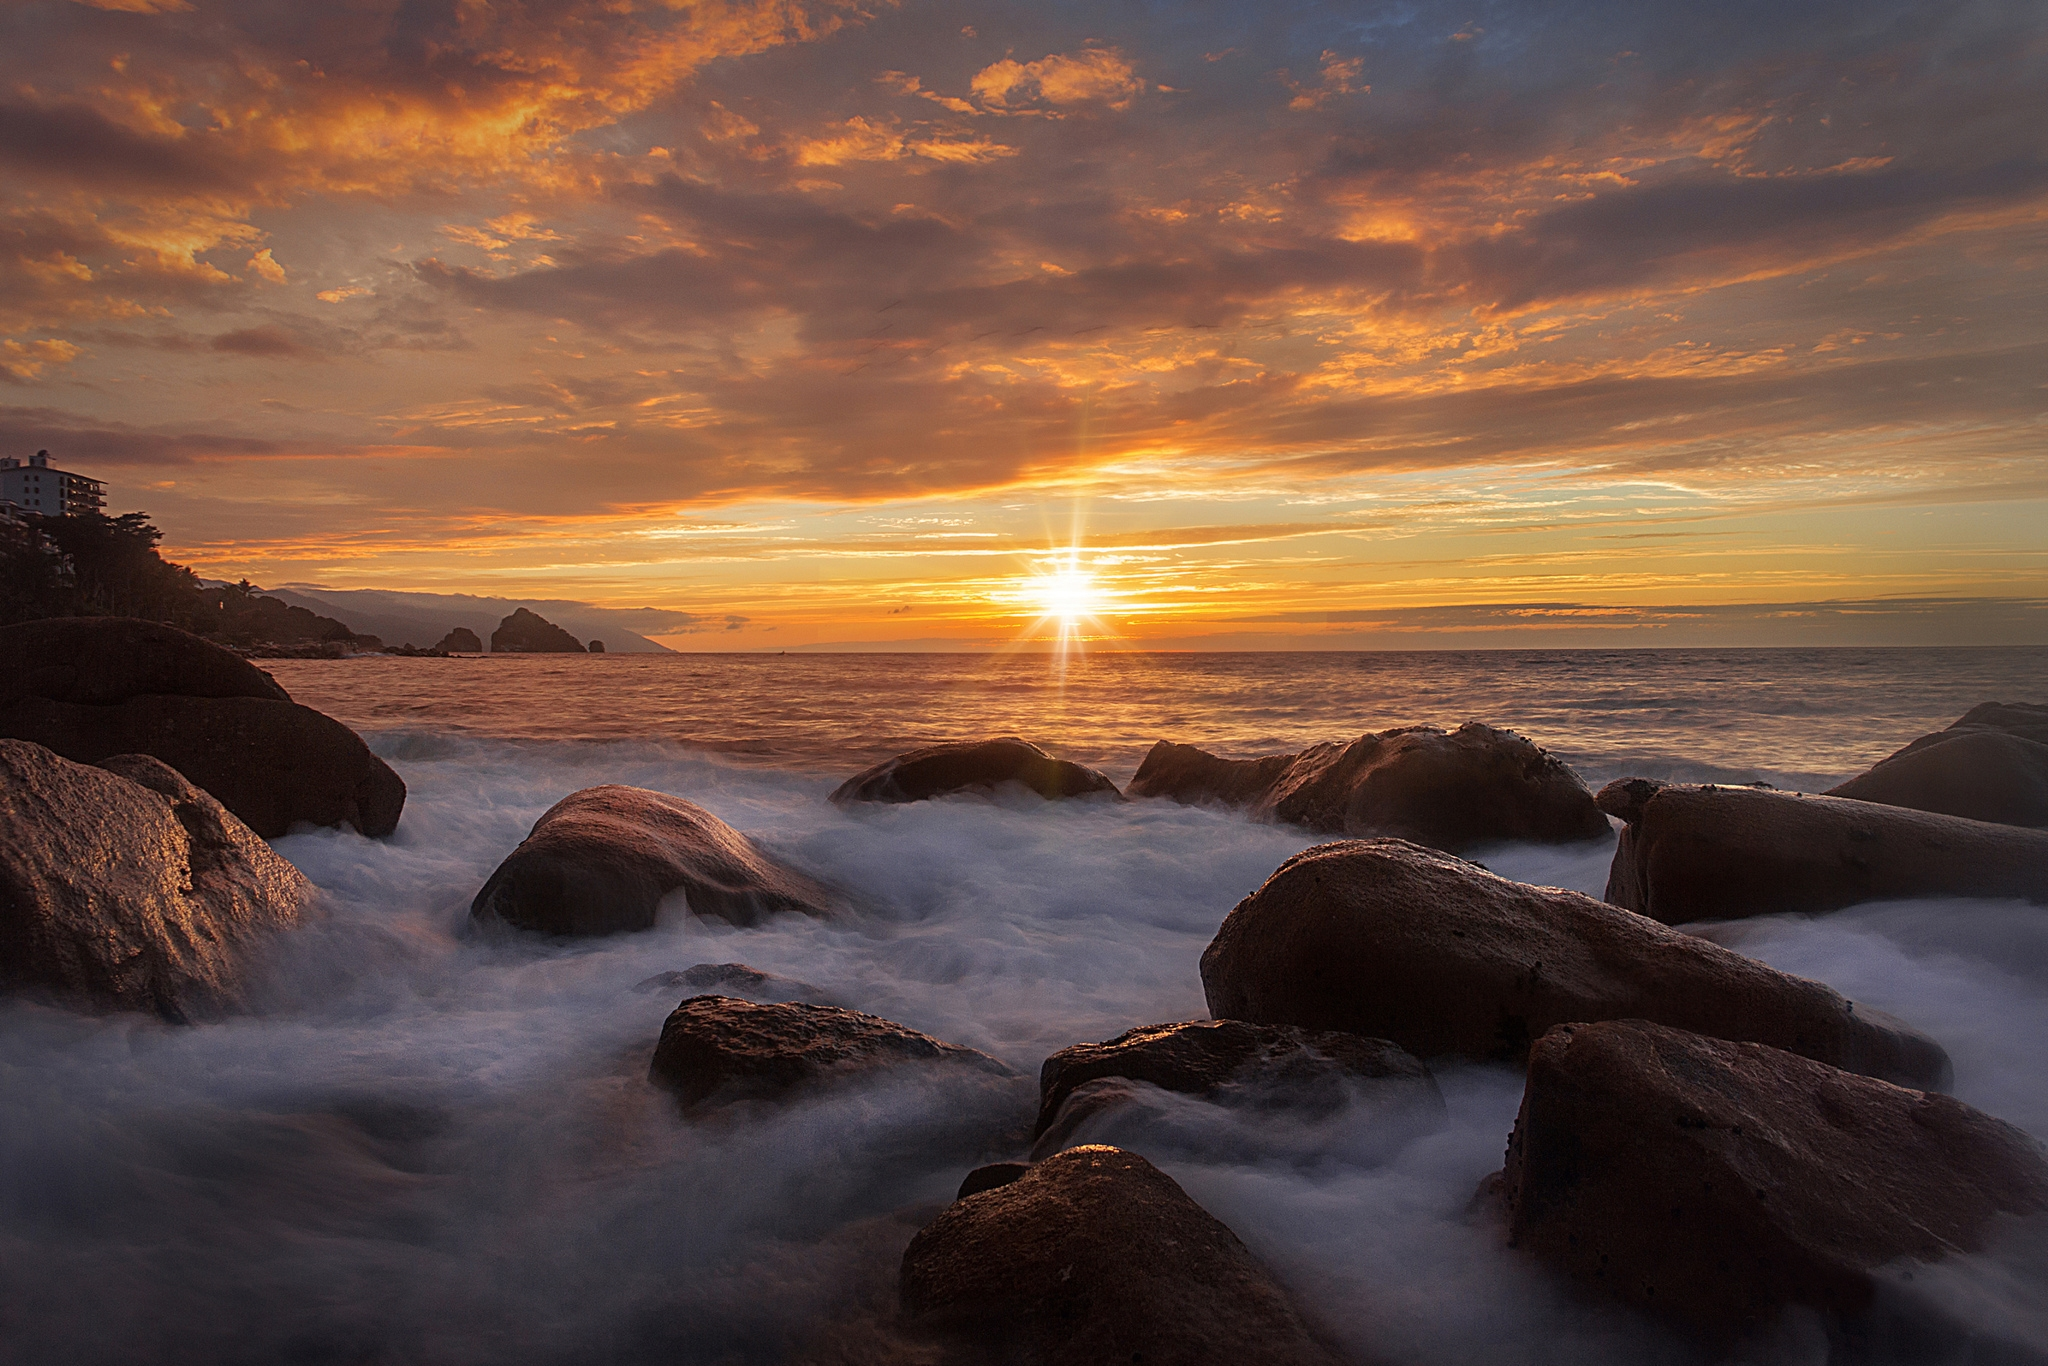 море берег камни закат sea shore stones sunset  № 1033125 без смс